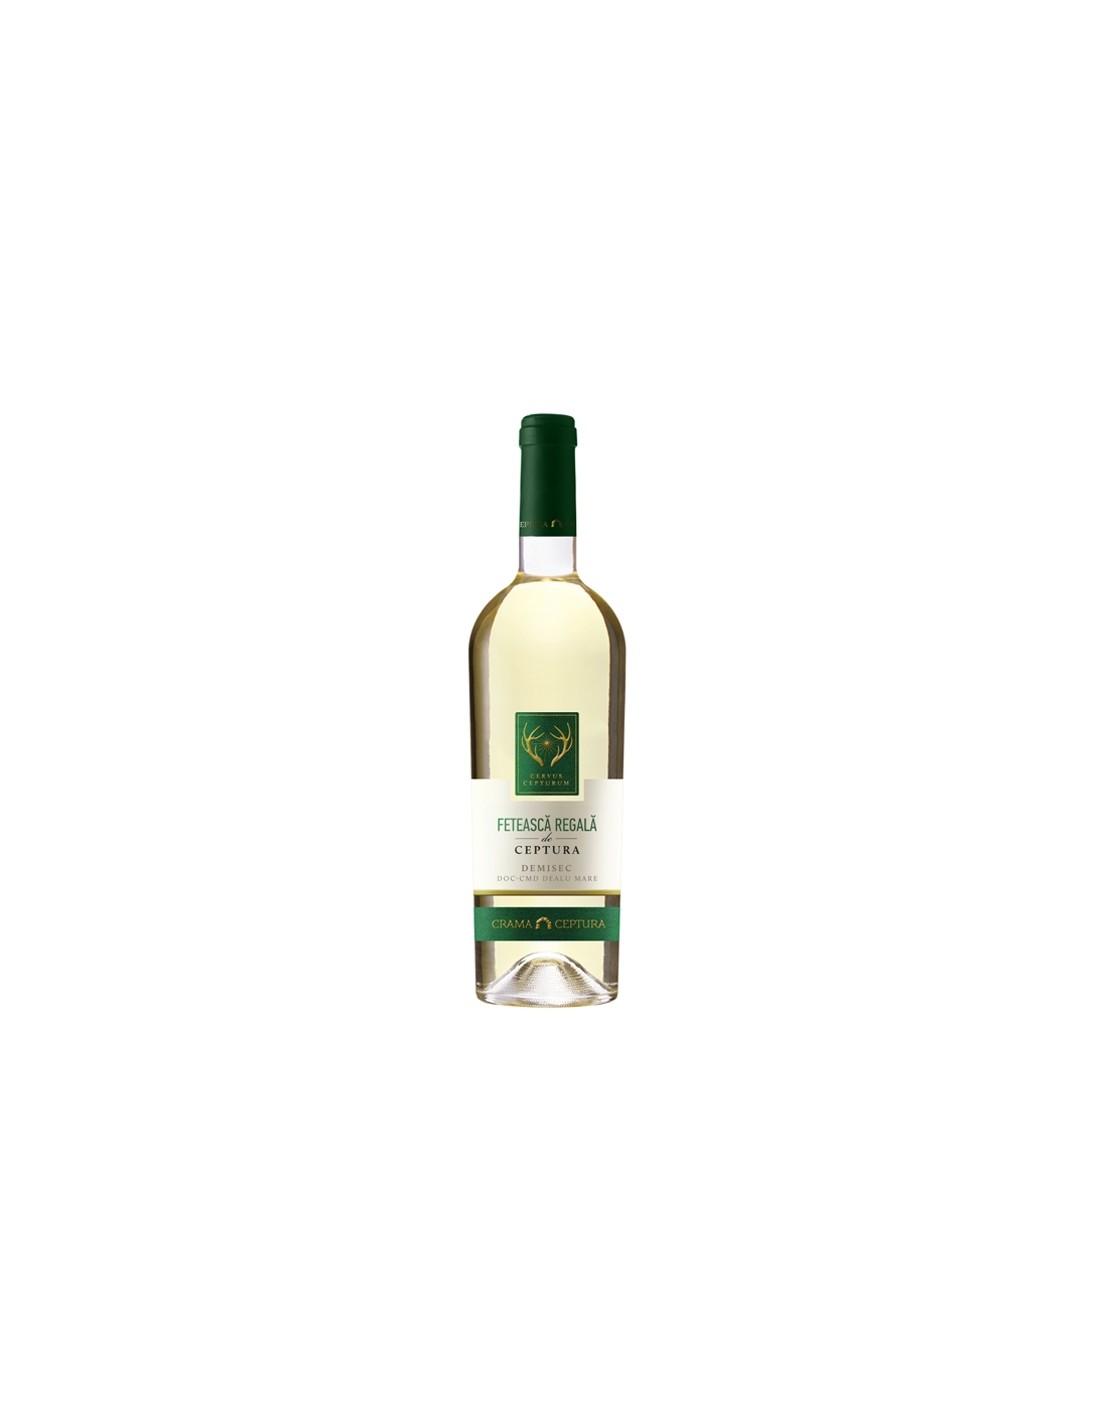 Vin alb demisec, Feteasca Regala, Ceptura Muntenia, 0.75L, 12.5% alc., Romania